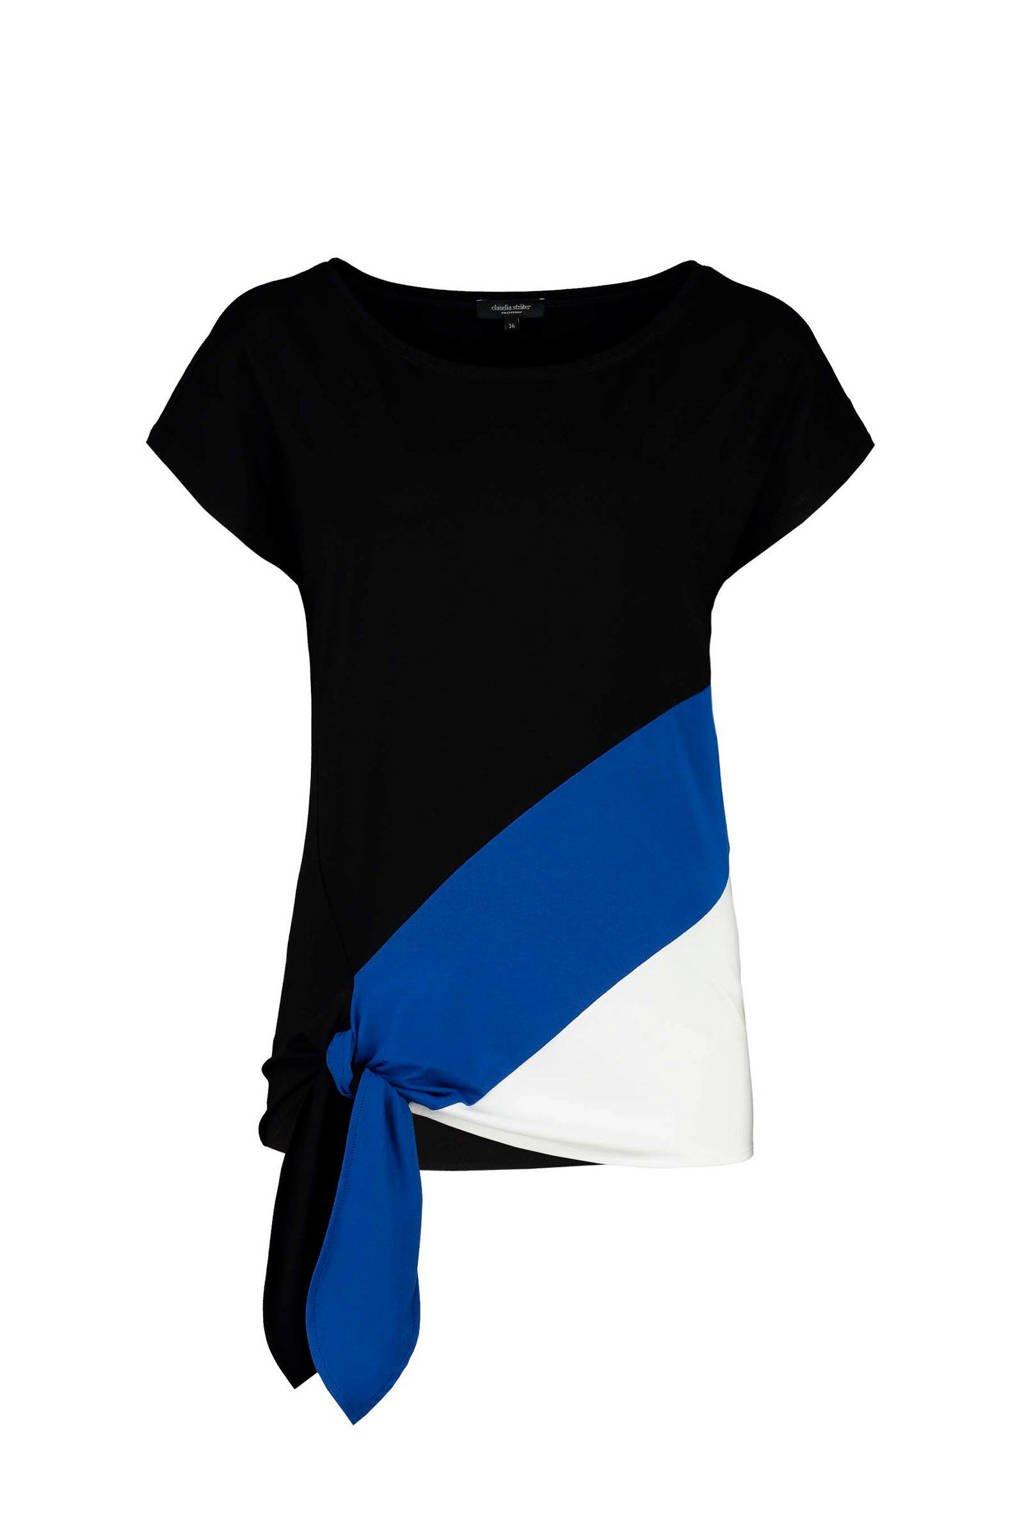 Claudia Sträter T-shirt zwart/blauw/wit, Zwart/blauw/wit